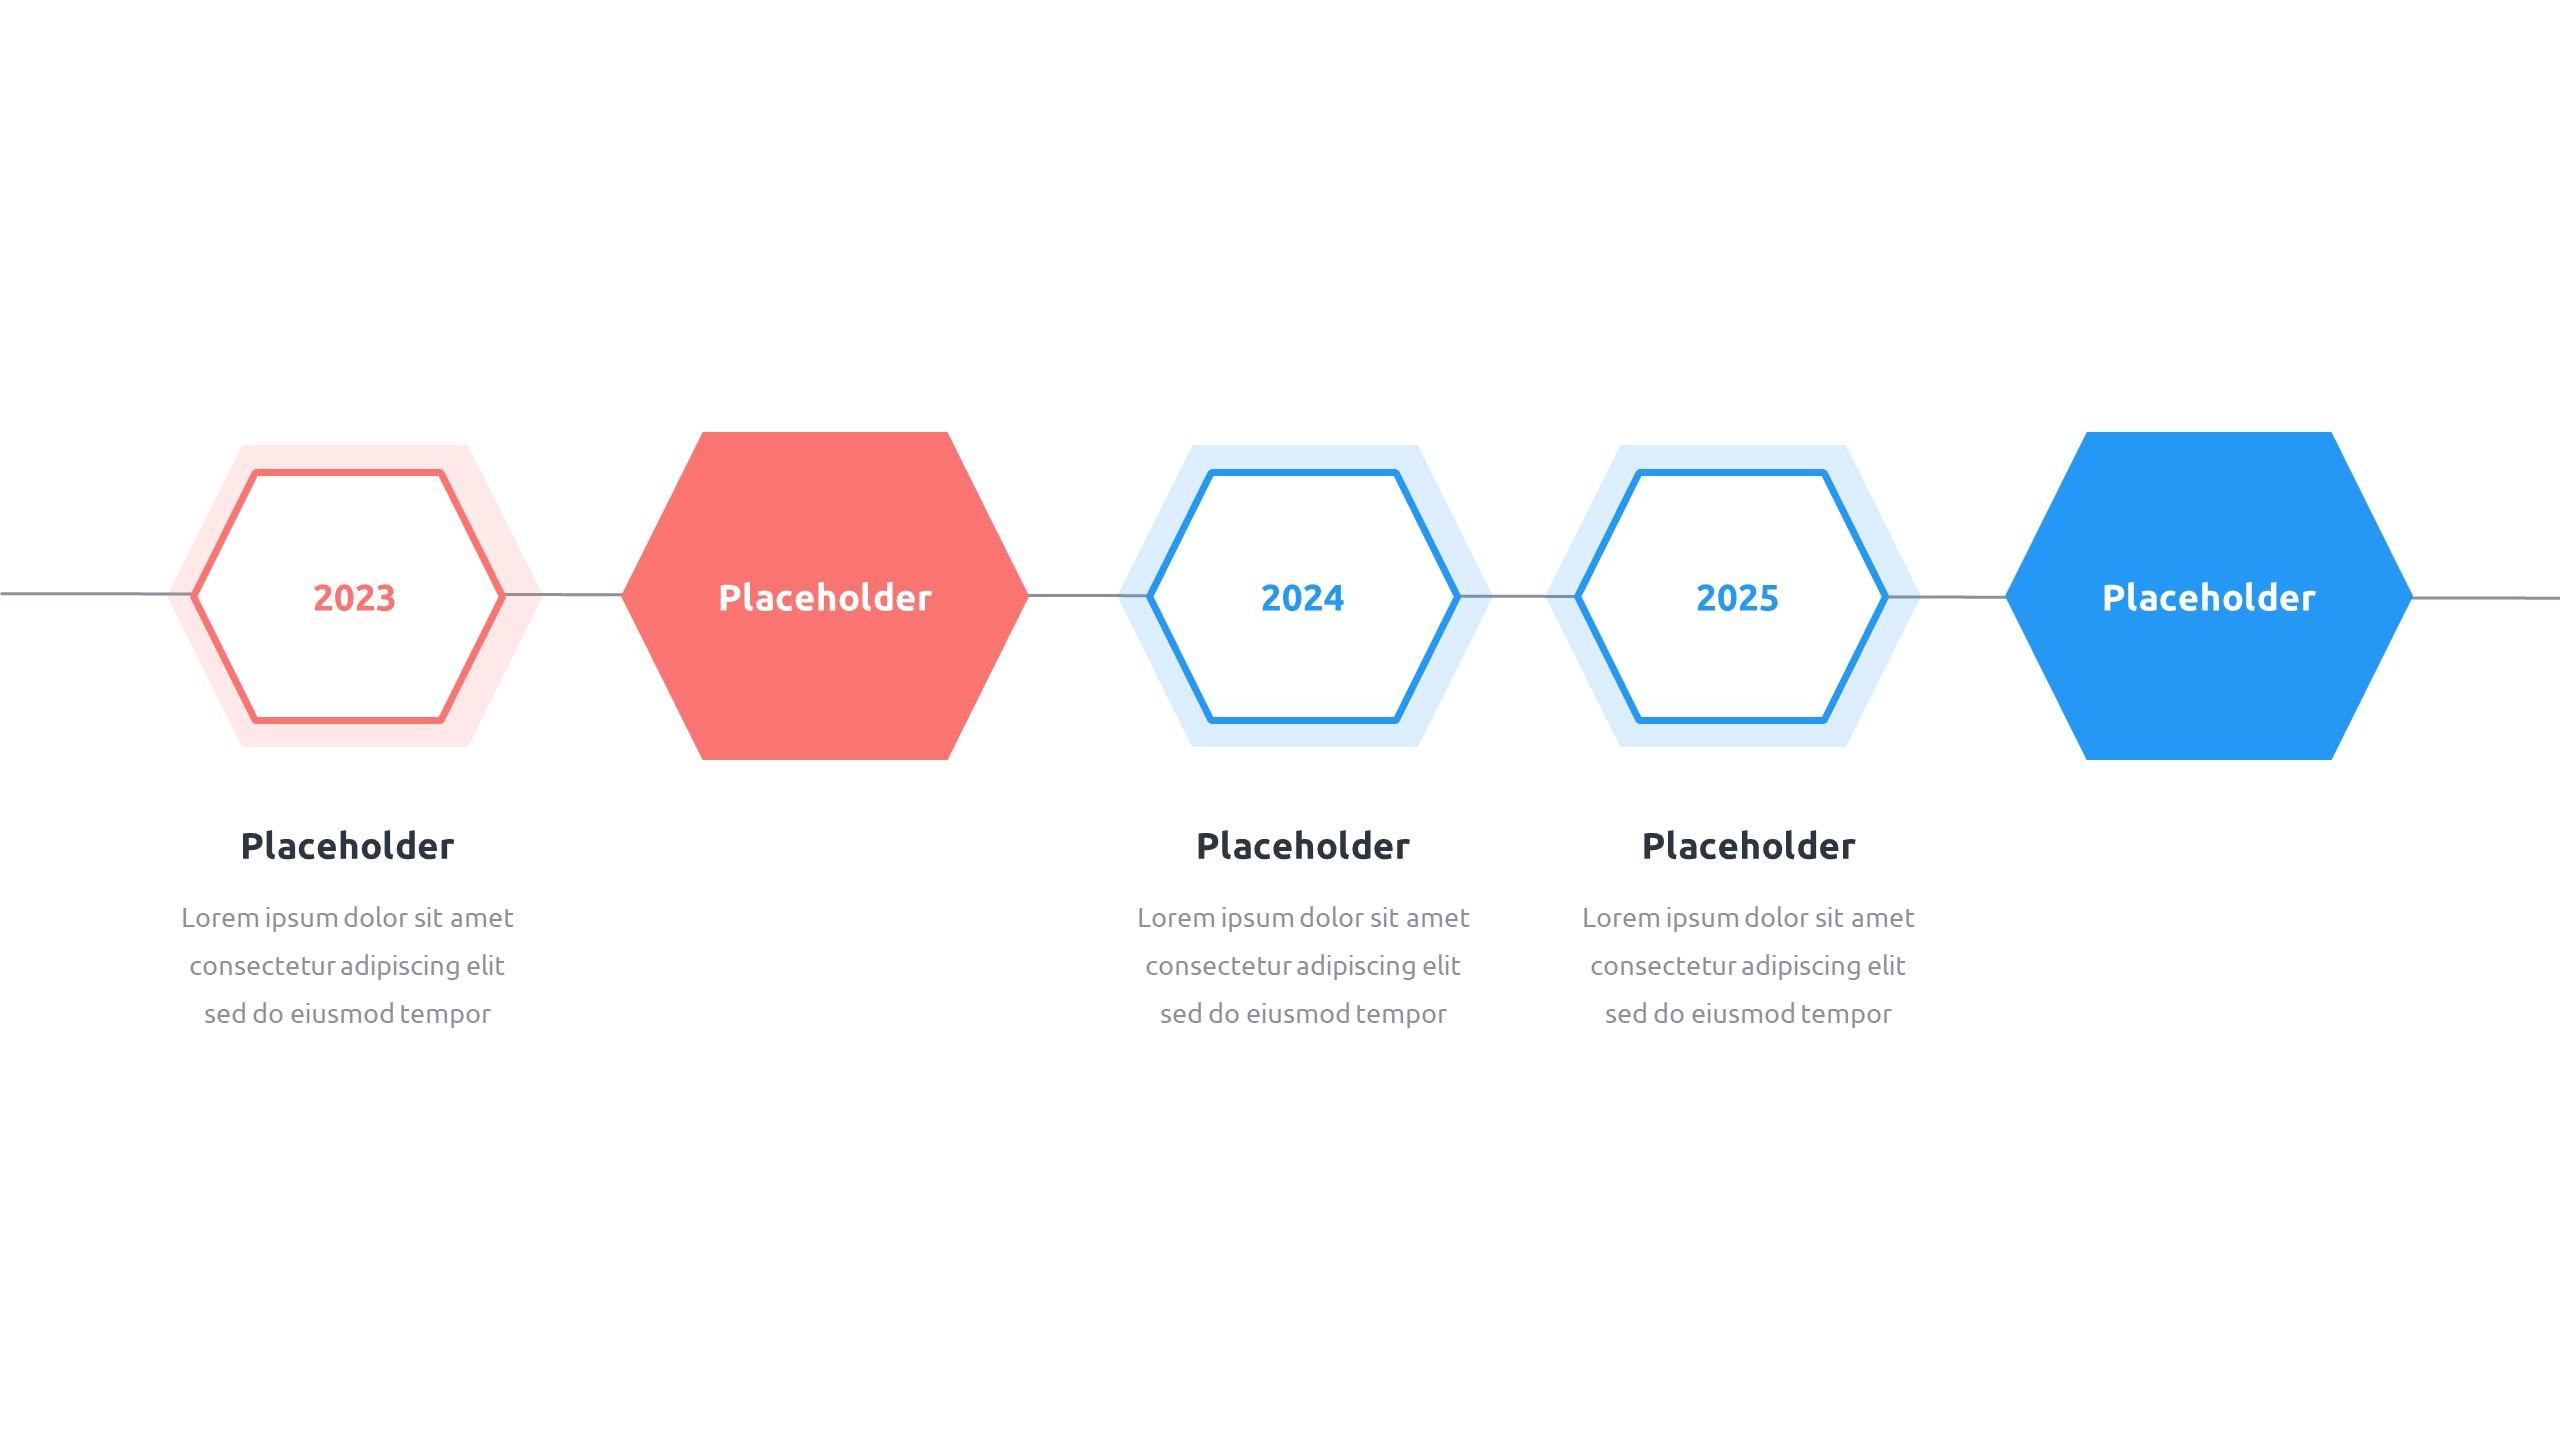 36 Timeline Presentation Templates: Powerpoint, Google Slides, Keynote - Slide35